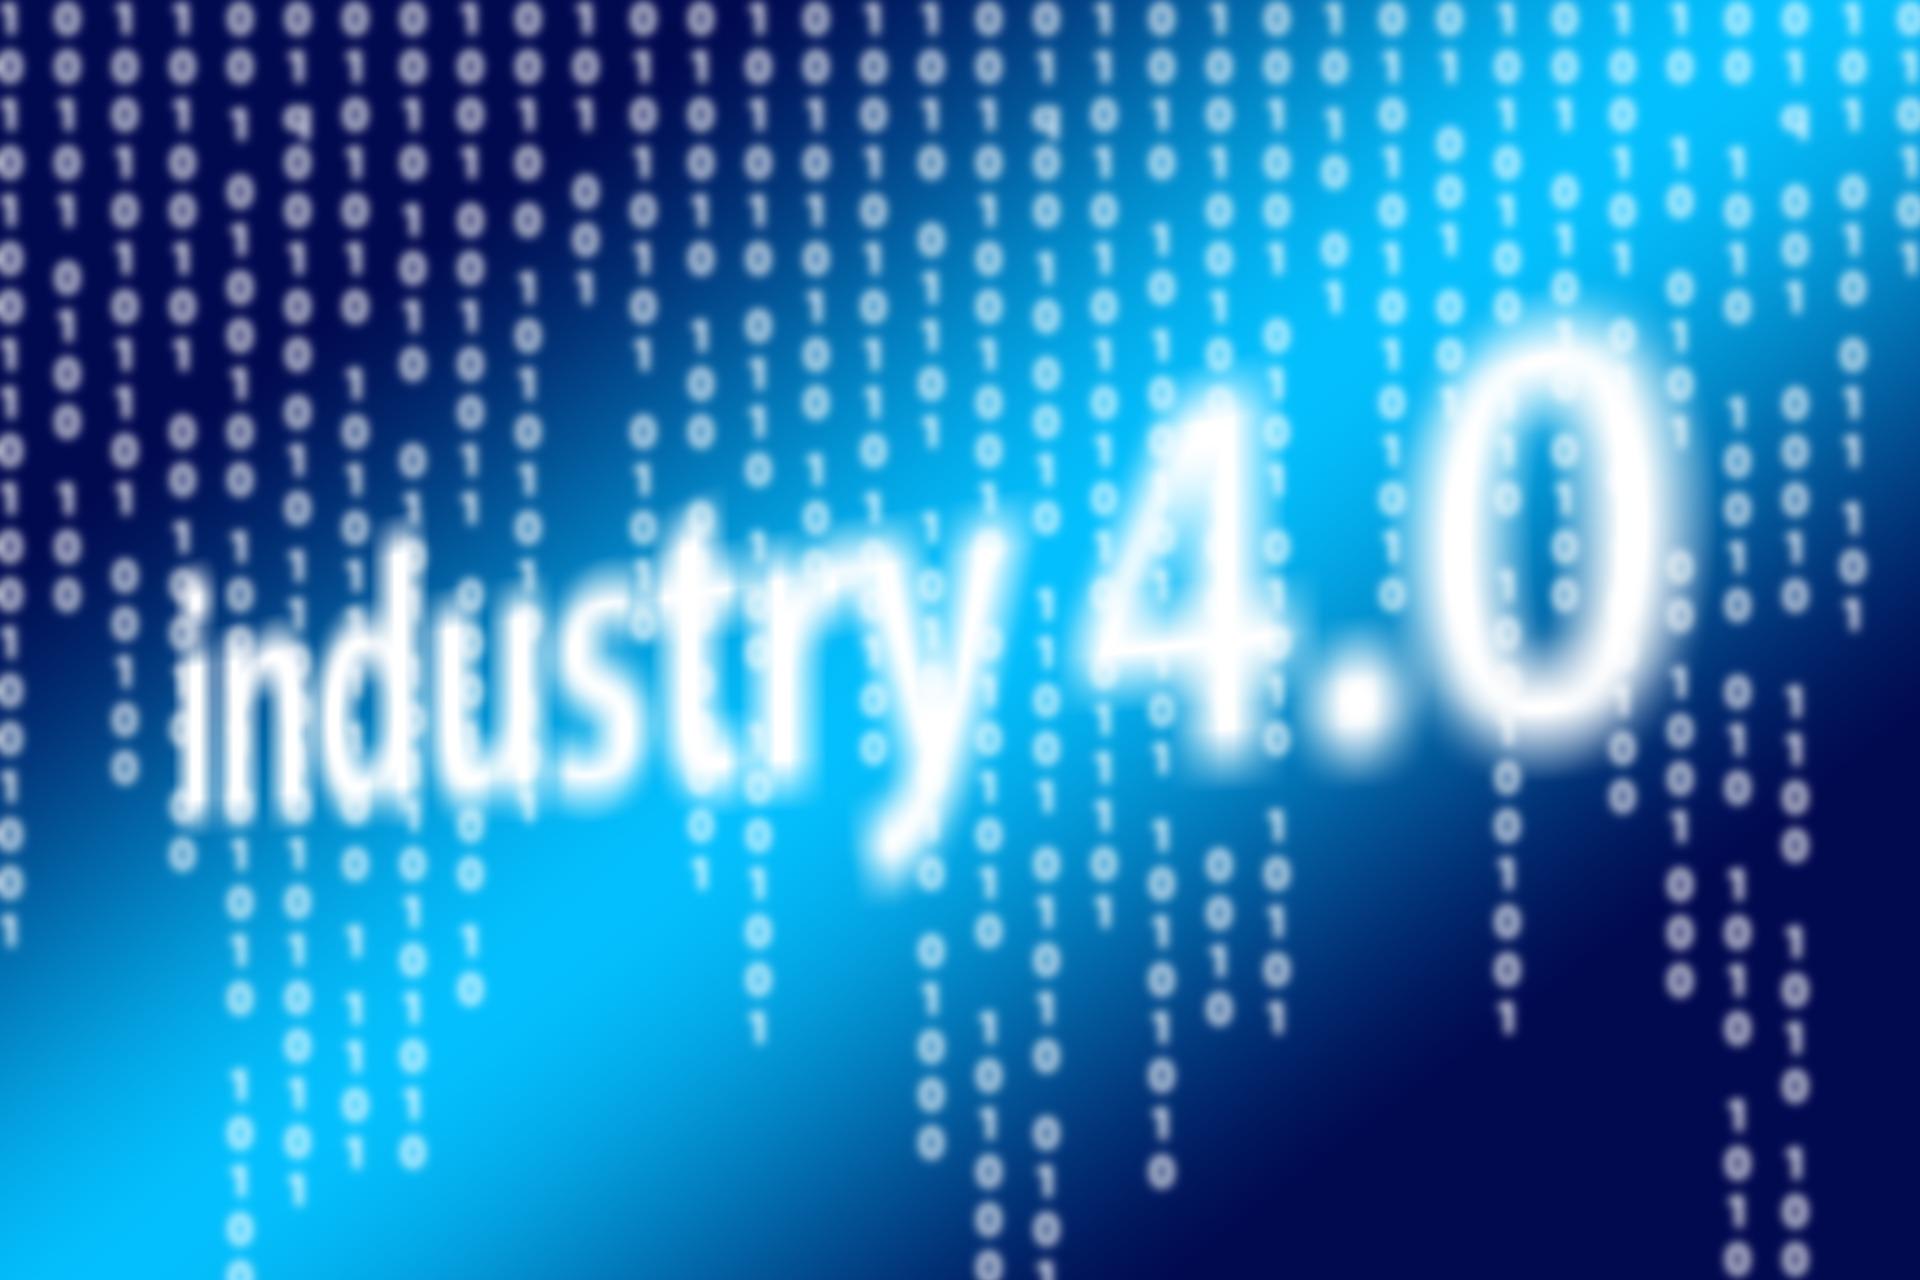 Bando PRIA I4.0 per la selezione di Progetti di Ricerca Applicata Industry 4.0